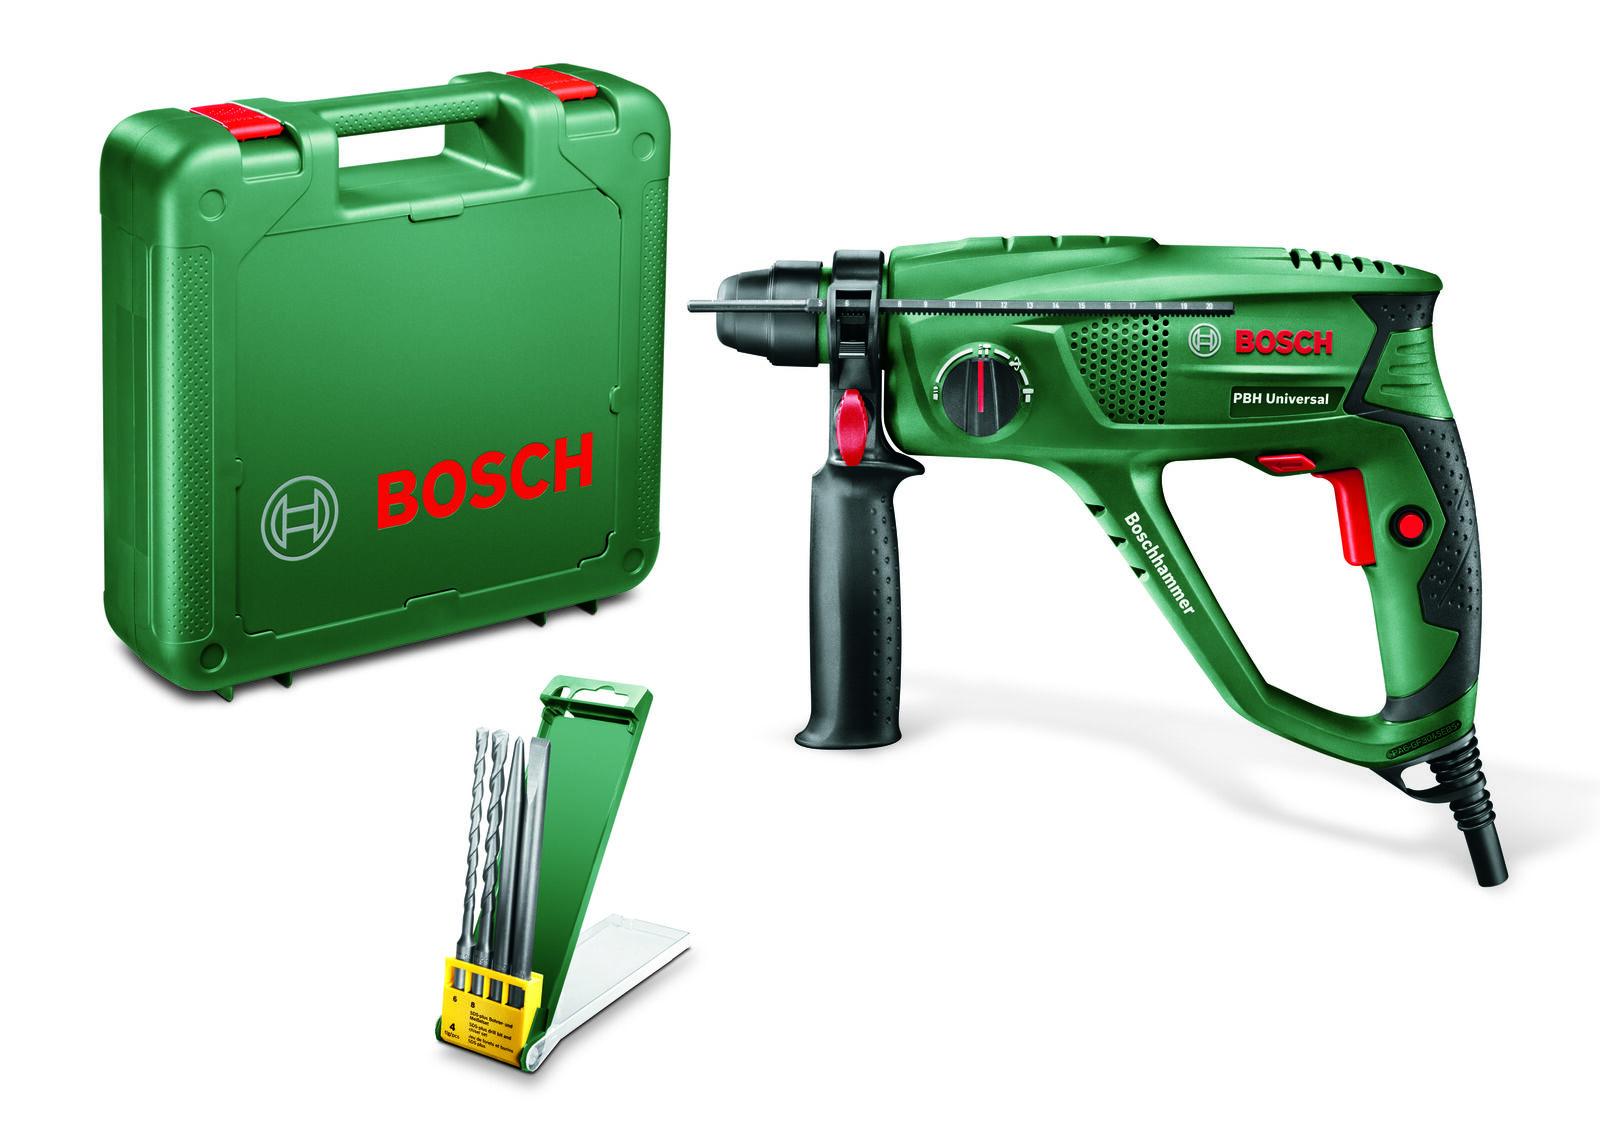 Bosch Bohrhammer PBH Universal - inkl. 2 Meißel und 2 Bohrer